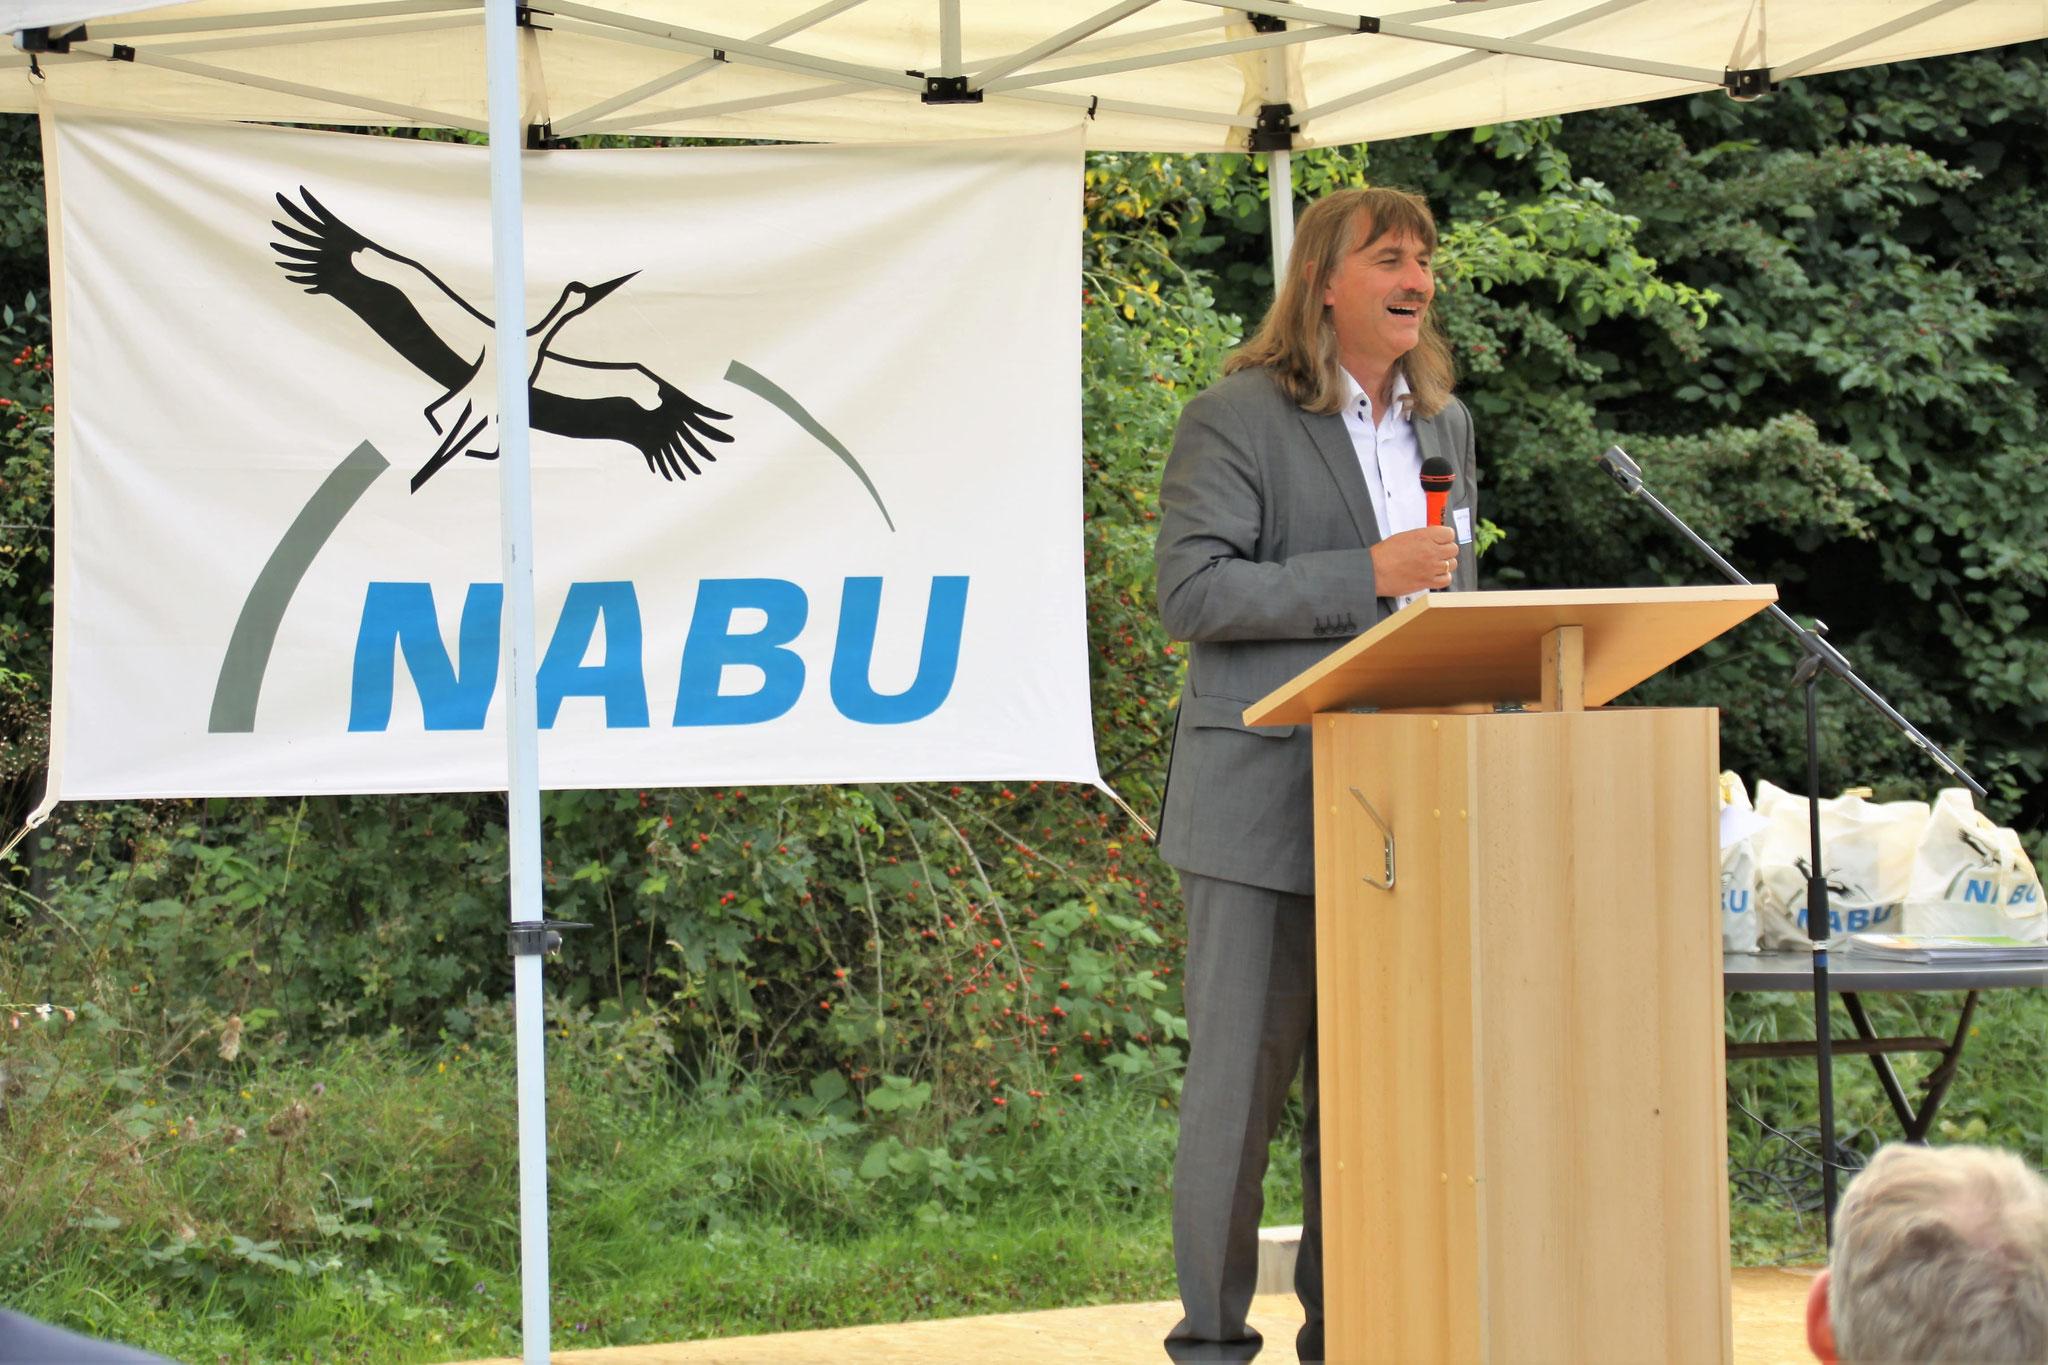 Festredner war Josef Tumbrink, bis 2019 Landesvorsitzender im NABU NRW